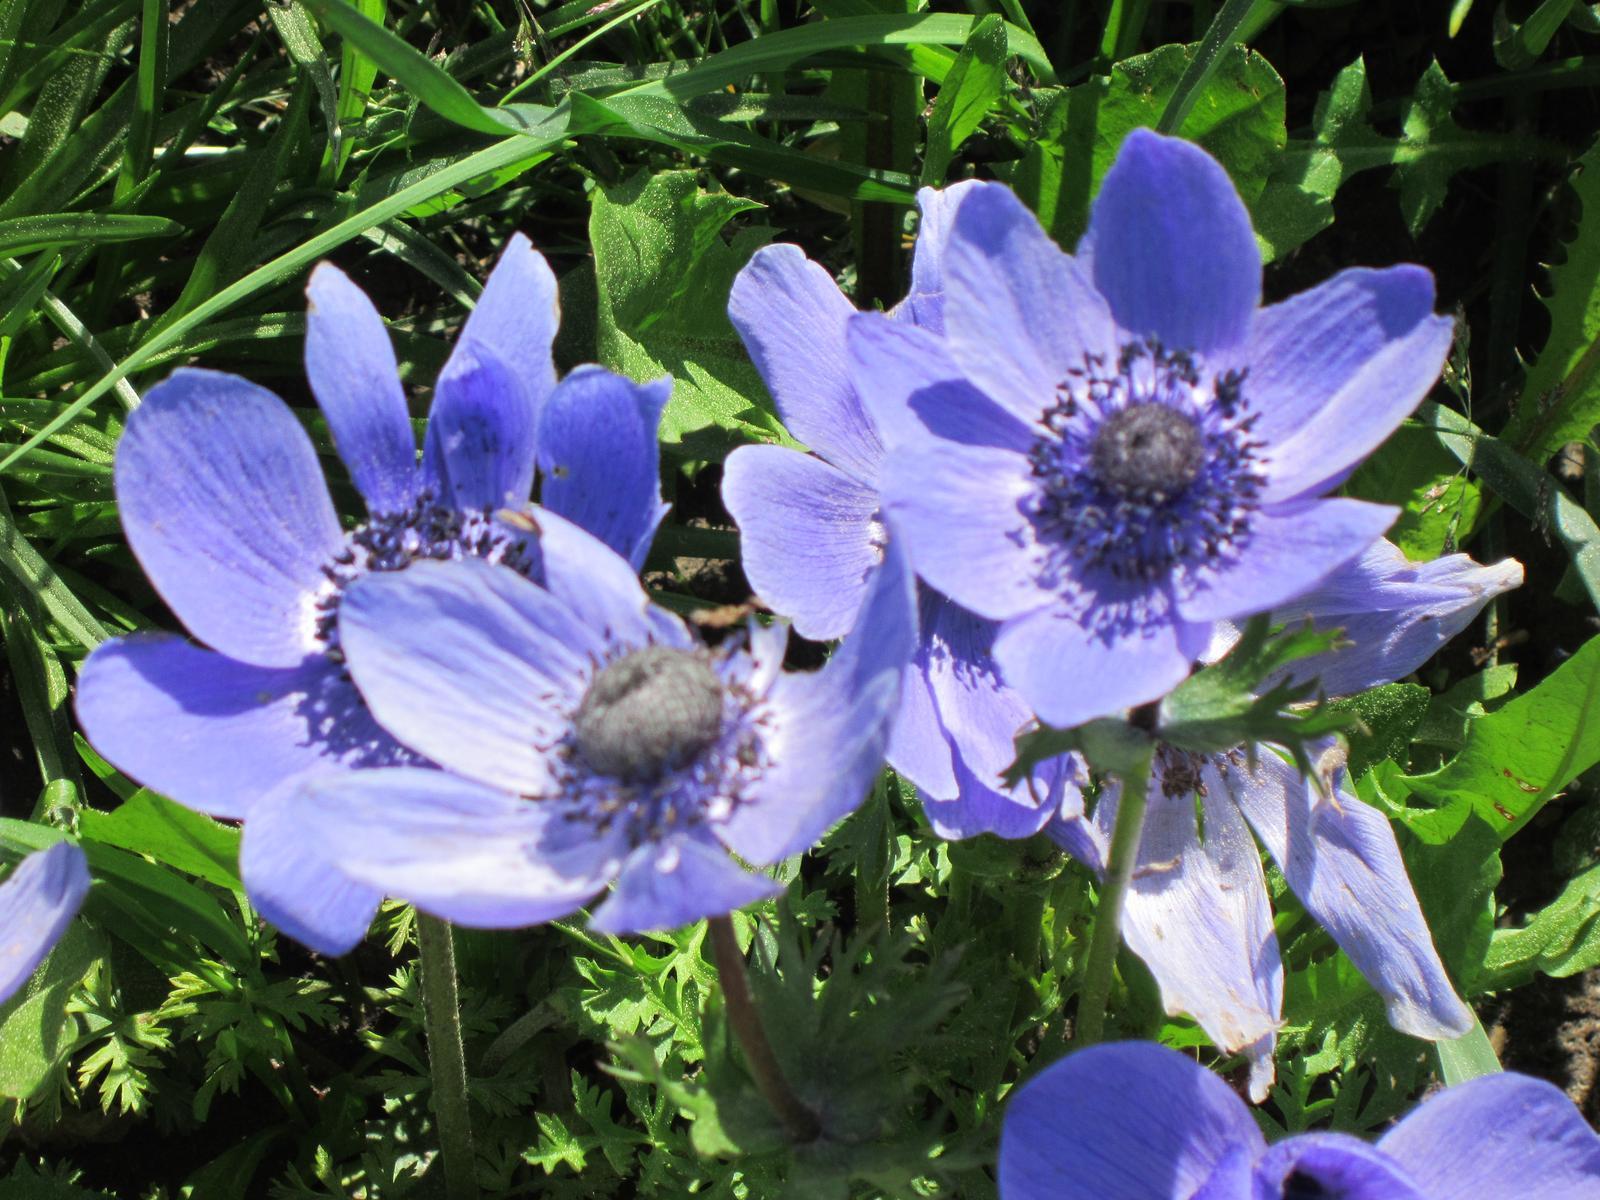 Moja záhrada...ako šiel čas - Anemonky sú vždy noblesné...